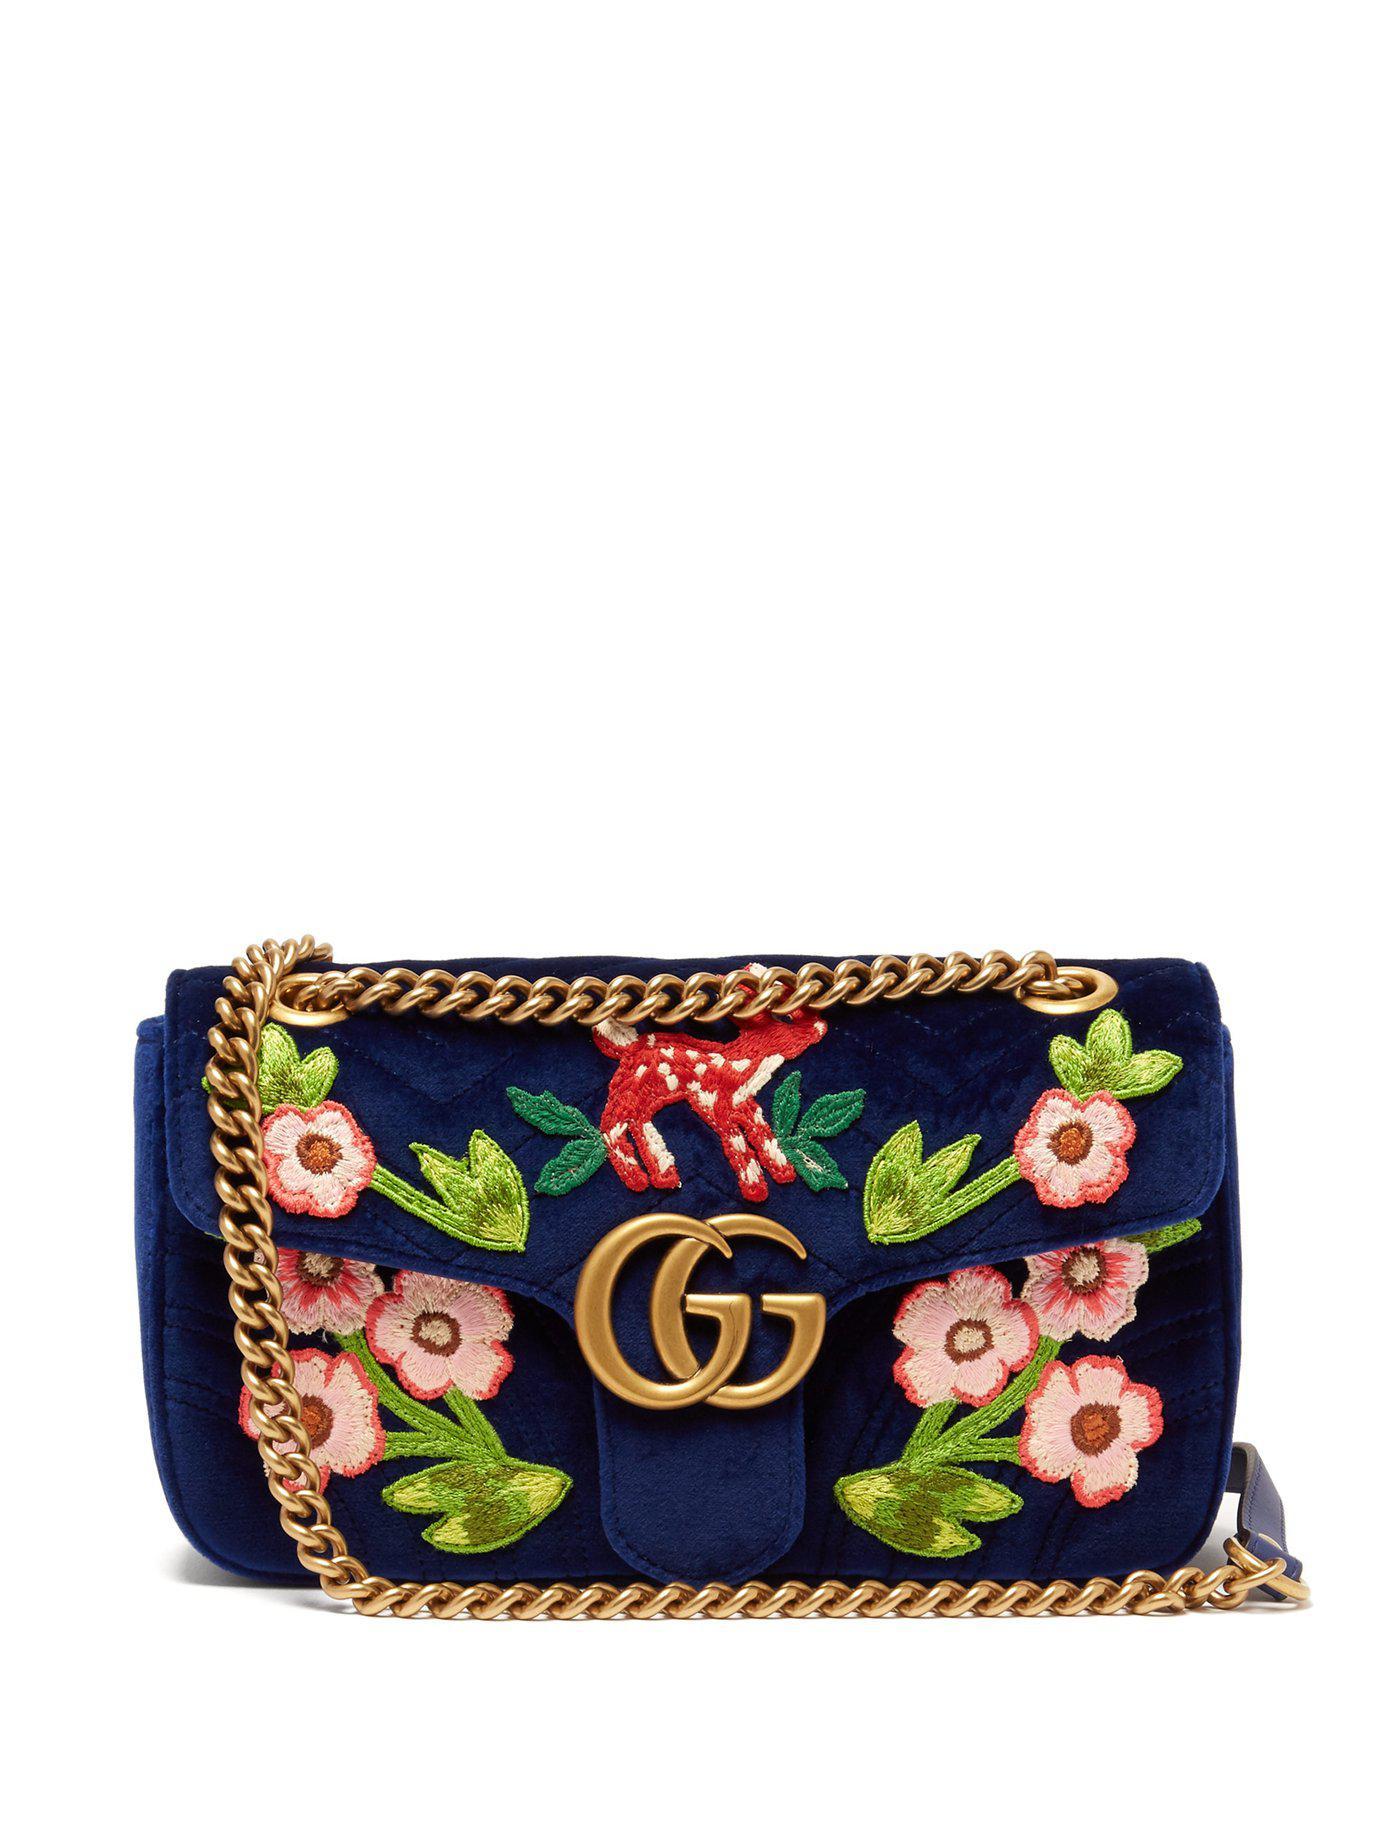 Lyst - Sac bandoulière en velours brodé GG Marmont Gucci en coloris Bleu b4be840951d